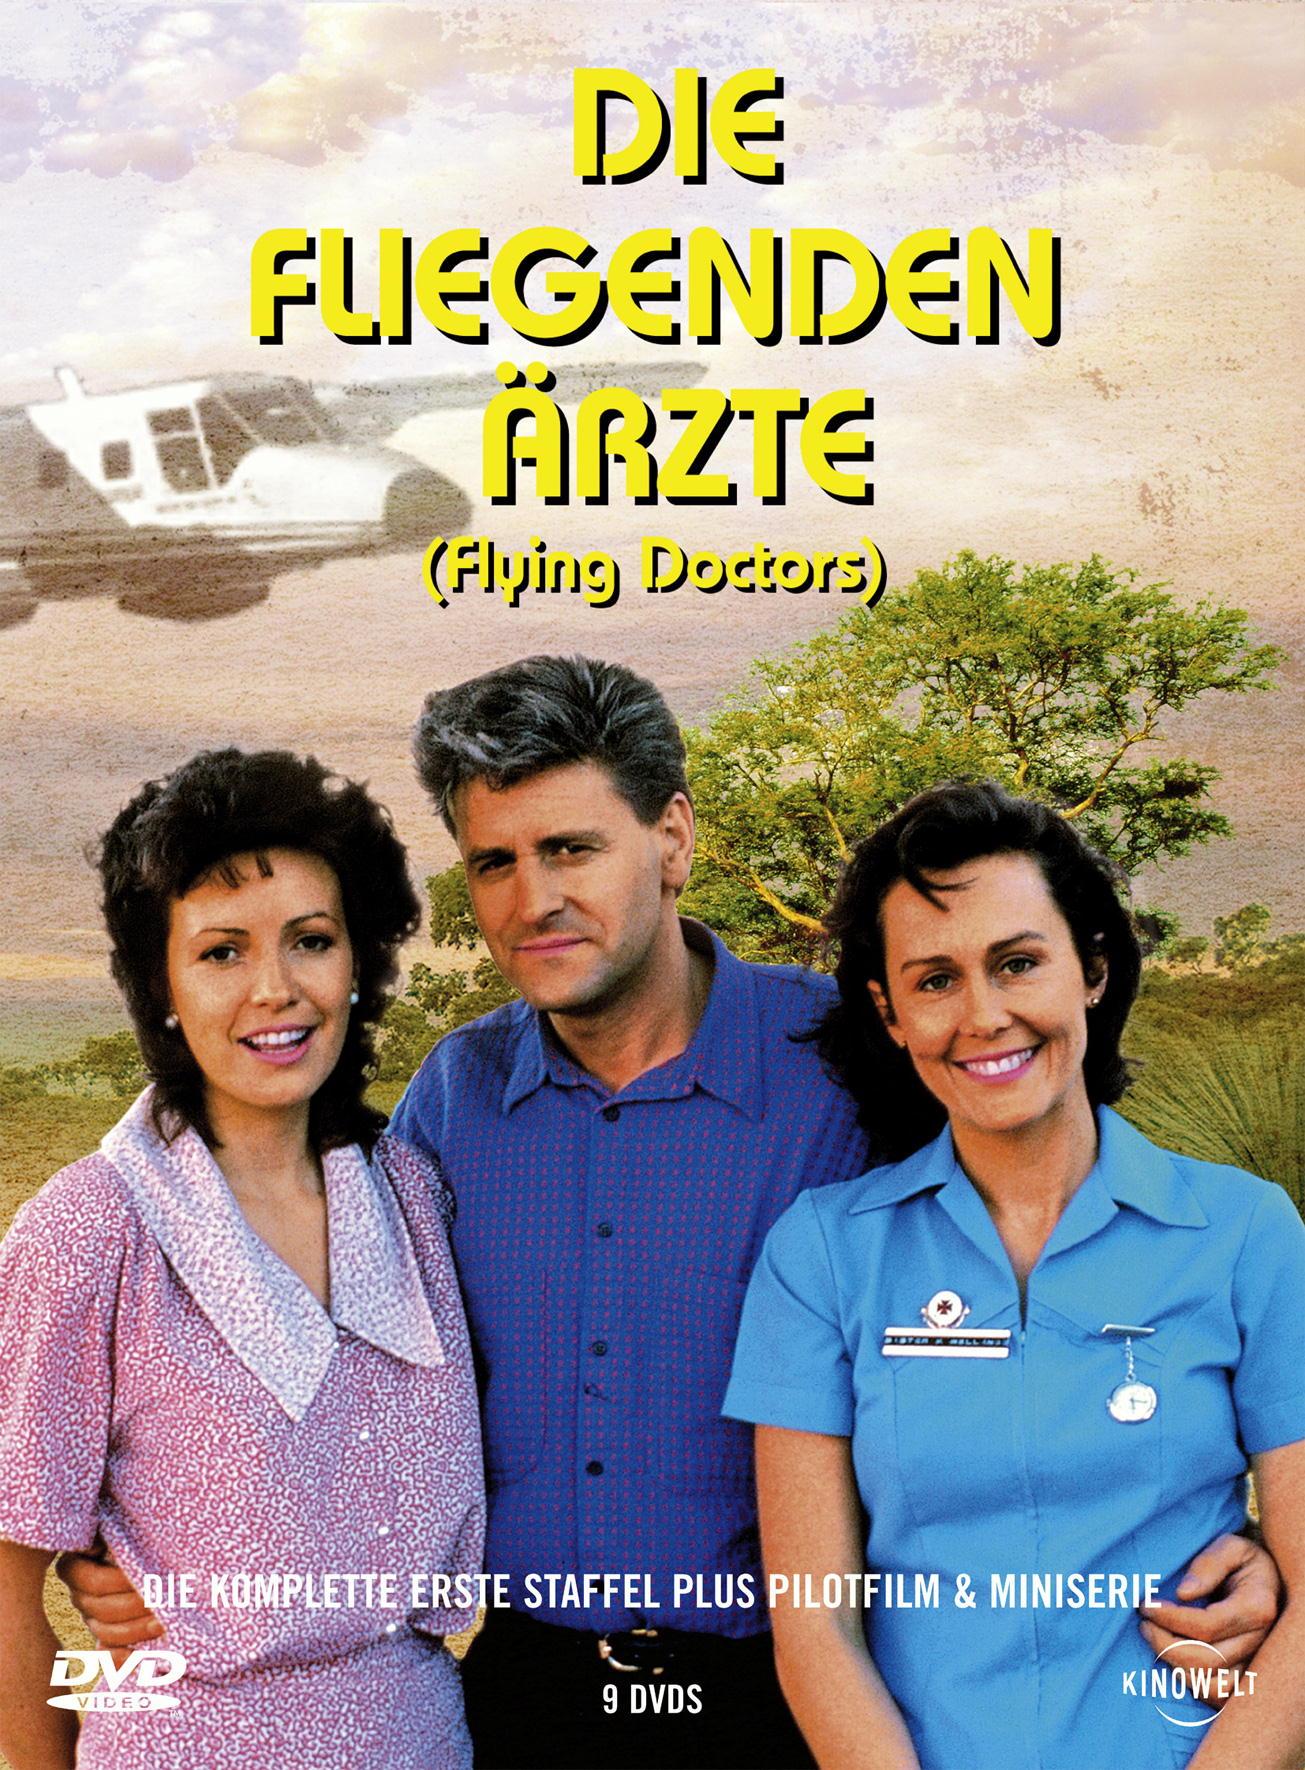 Die fliegenden Ärzte - Die komplette erste Staffel plus Pilotfilm & Mini-Serie (9 DVDs) Poster